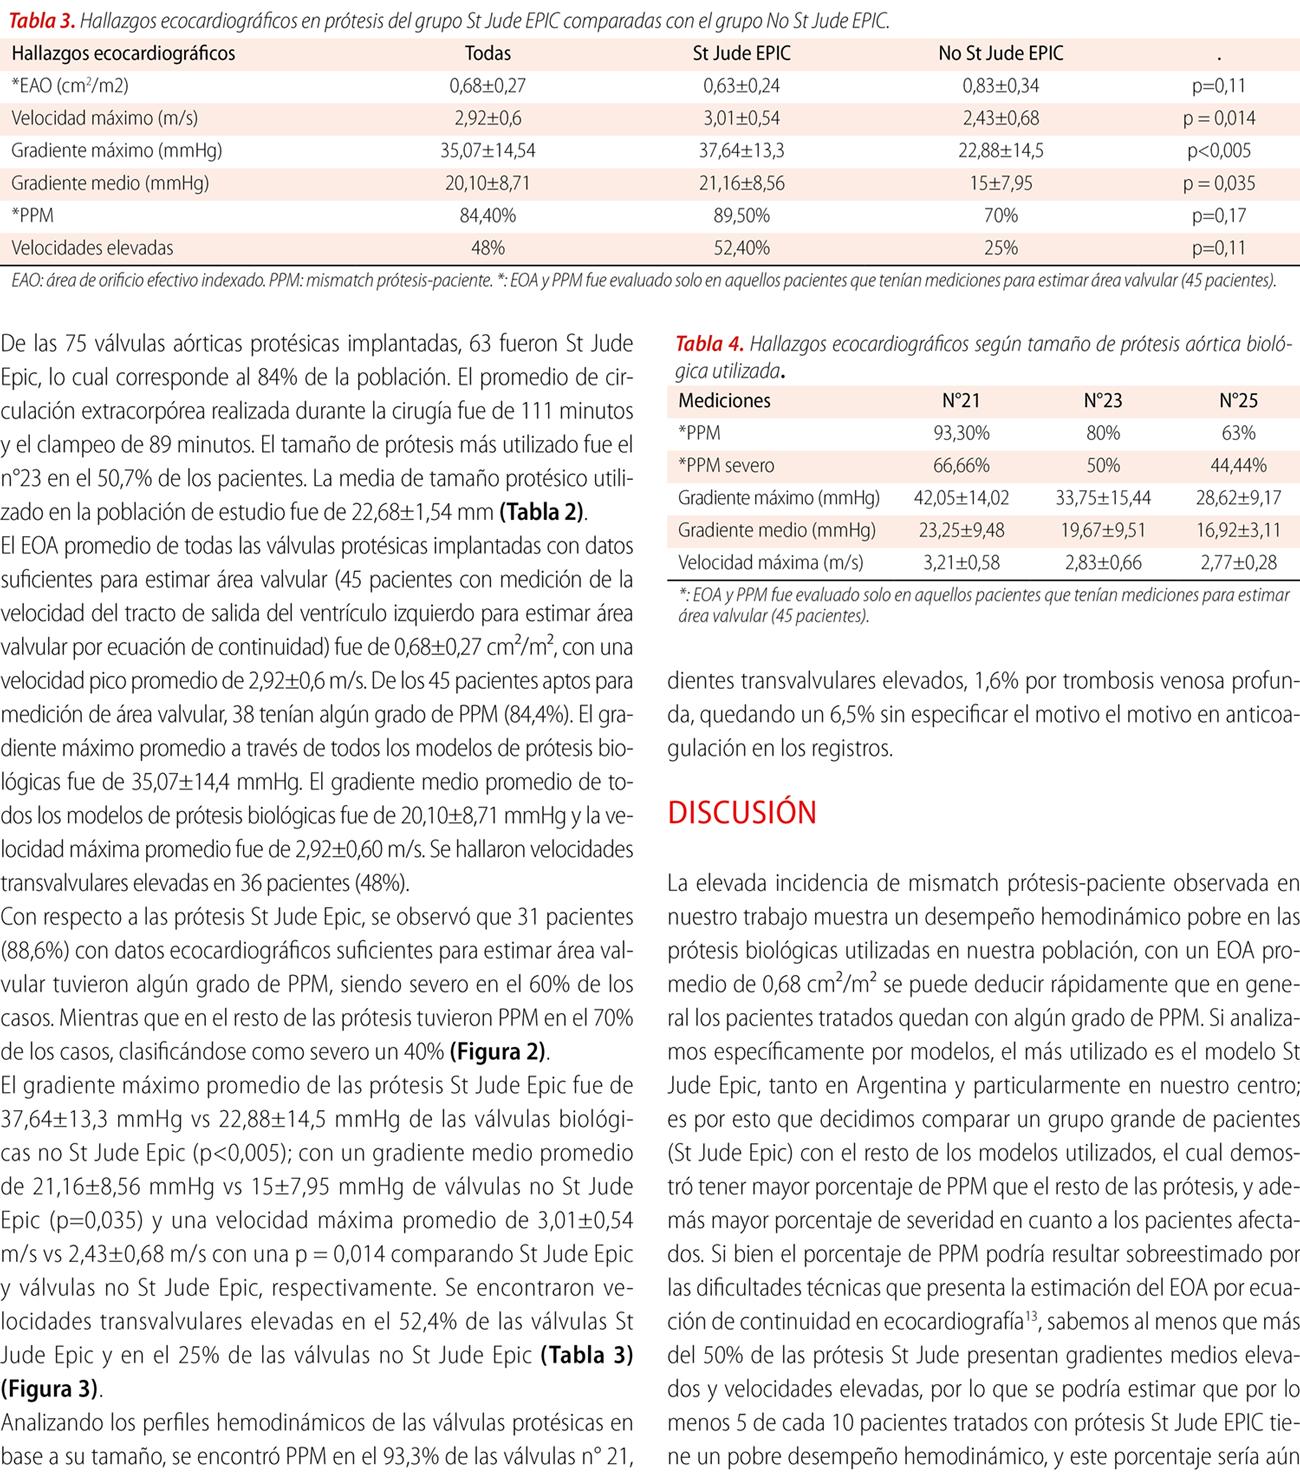 Reemplazo valvular aórtico biológico: evaluación  de gradientes transvalvulares y prevalencia  de desproporción prótesis-paciente